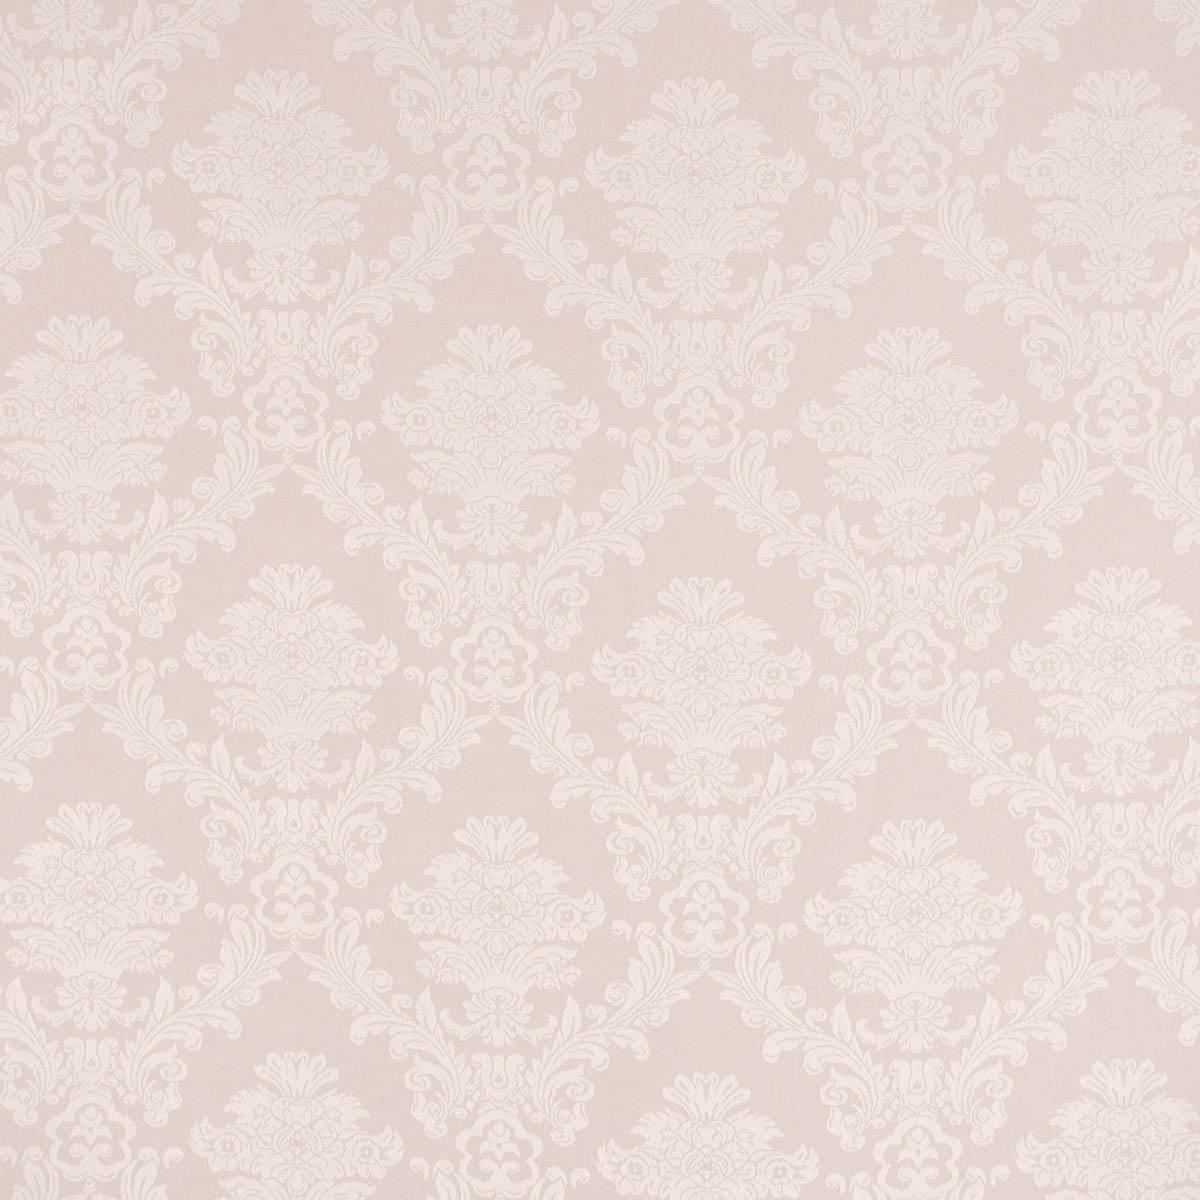 Jacquard Tischwäschestoff Doubleface extrabreit Siroco Ornamente ecru-natur 3,2m Breite